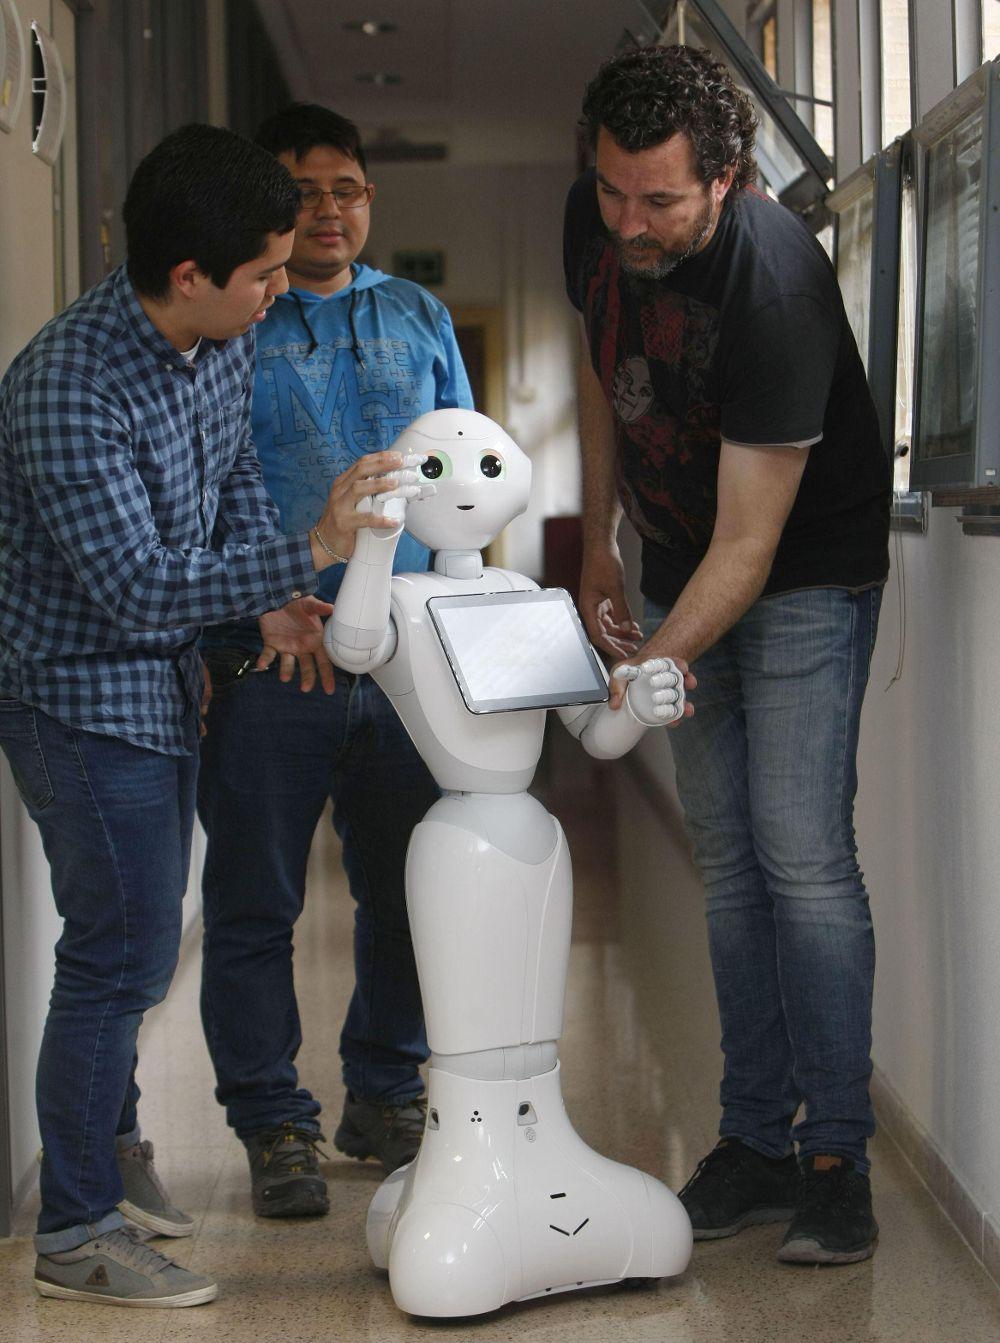 El robot que puede ayudar a personas con daño cerebral.